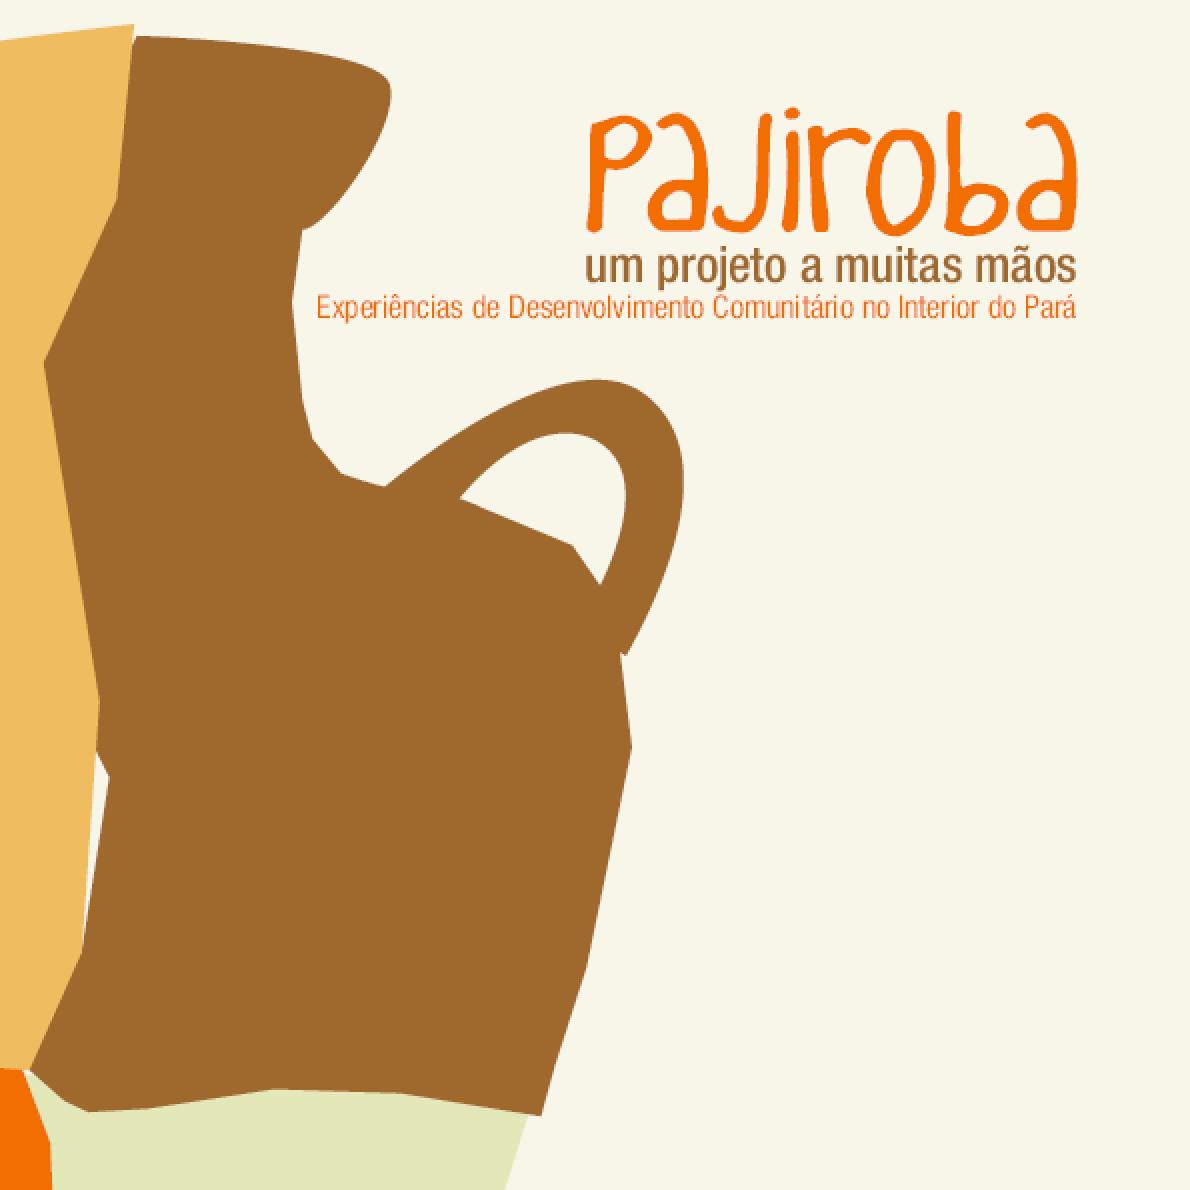 Pajiroba - um projeto a muitas mãos